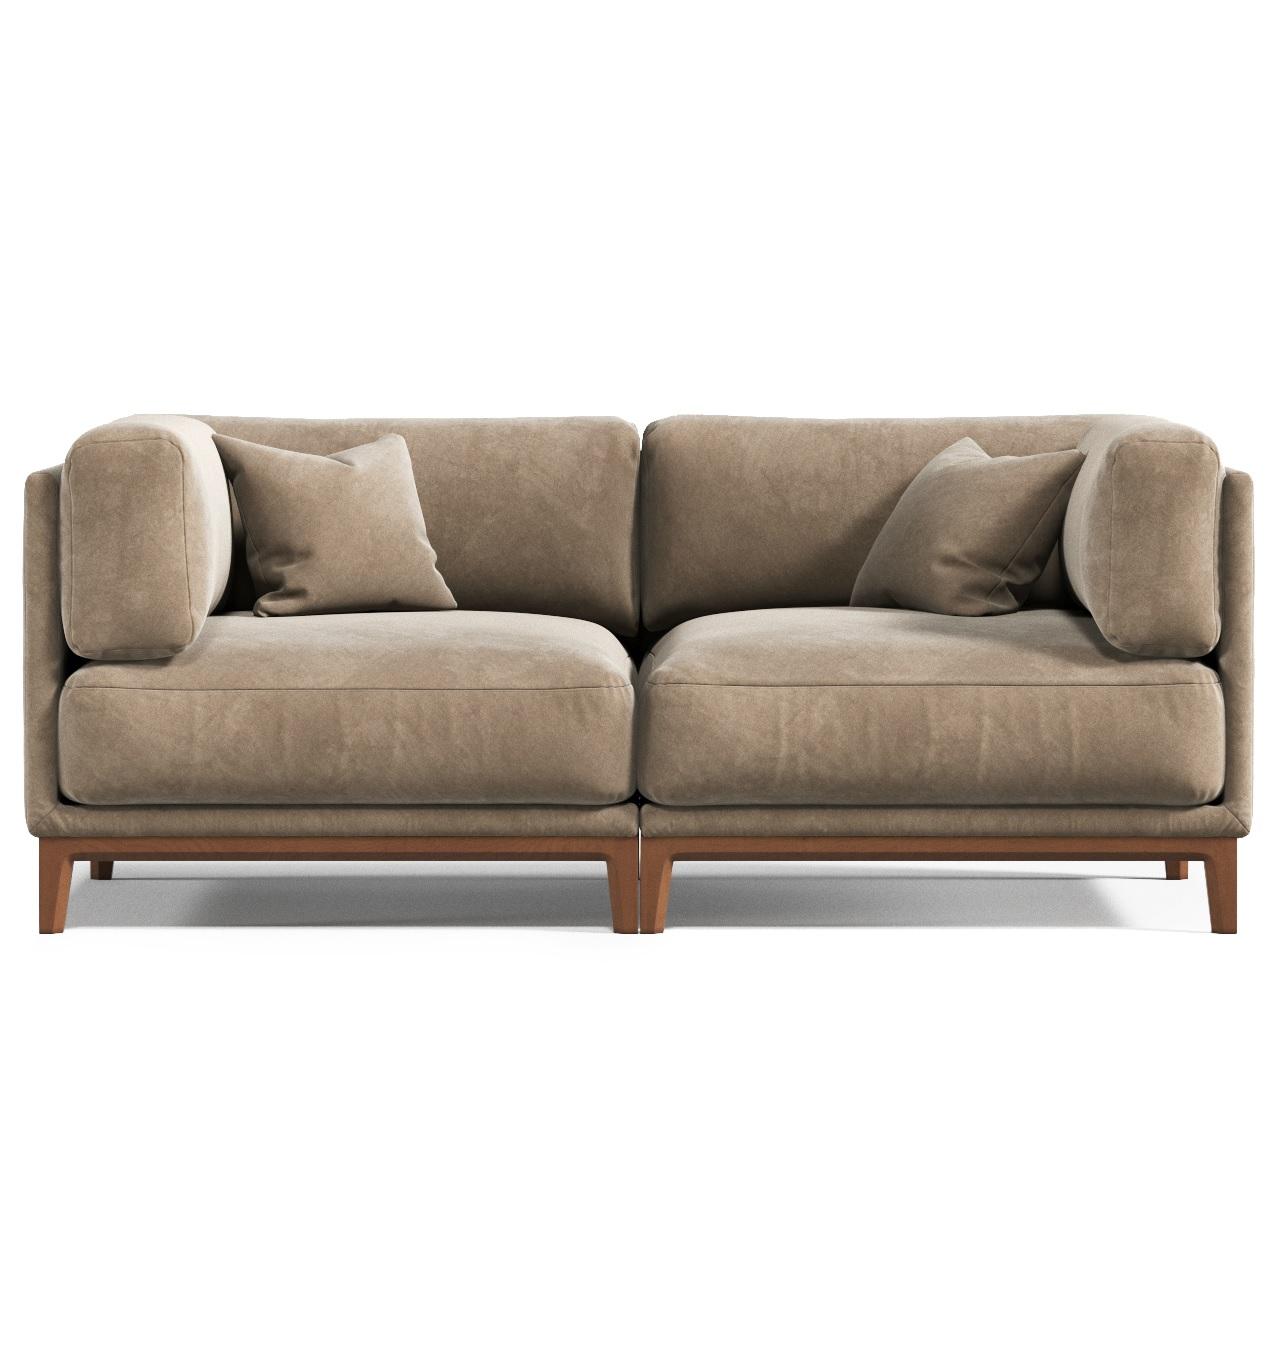 Диван Case 6Двухместные диваны<br>&amp;lt;div&amp;gt;Эта модель двухместного дивана подойдет в любые помещения благодаря модульной конструкции, современному дизайну и эргономичному наполнителю. Объемные подушки из прорезиненного пенополиуретана нескольких степеней жесткости вместе с удобной глубокой посадкой создают необычайно комфортную зону отдыха и легко восстанавливают форму.&amp;lt;br&amp;gt;&amp;lt;/div&amp;gt;&amp;lt;div&amp;gt;&amp;lt;br&amp;gt;&amp;lt;/div&amp;gt;&amp;lt;div&amp;gt;Все чехлы съемные, их легко стирать. Диваны не имеют оборотной стороны и могут устанавливаться в центре помещения. В комплекте с диваном поставляются декоративные подушки.&amp;amp;nbsp;&amp;lt;div&amp;gt;Диван Case доступен к заказу в нескольких категориях ткани и с 5 вариантами тонировки ножек. Кроме того, возможен заказ дивана Case в индивидуальном размере и в собственной ткани.&amp;lt;/div&amp;gt;&amp;lt;div&amp;gt;Вы можете выбрать любой цвет обивки из палитры. В категории 1 цена без изменения. Категории 2 и 3 цена по запросу у менеджера.&amp;amp;nbsp;&amp;lt;div&amp;gt;Также возможны нестандартные варианты сочетания обивки и отделки дивана. Гарантия на изделия составляет 3 года.&amp;lt;/div&amp;gt;&amp;lt;/div&amp;gt;&amp;lt;/div&amp;gt;<br><br>Material: Текстиль<br>Length см: None<br>Width см: 188<br>Depth см: 94<br>Height см: 80<br>Diameter см: None